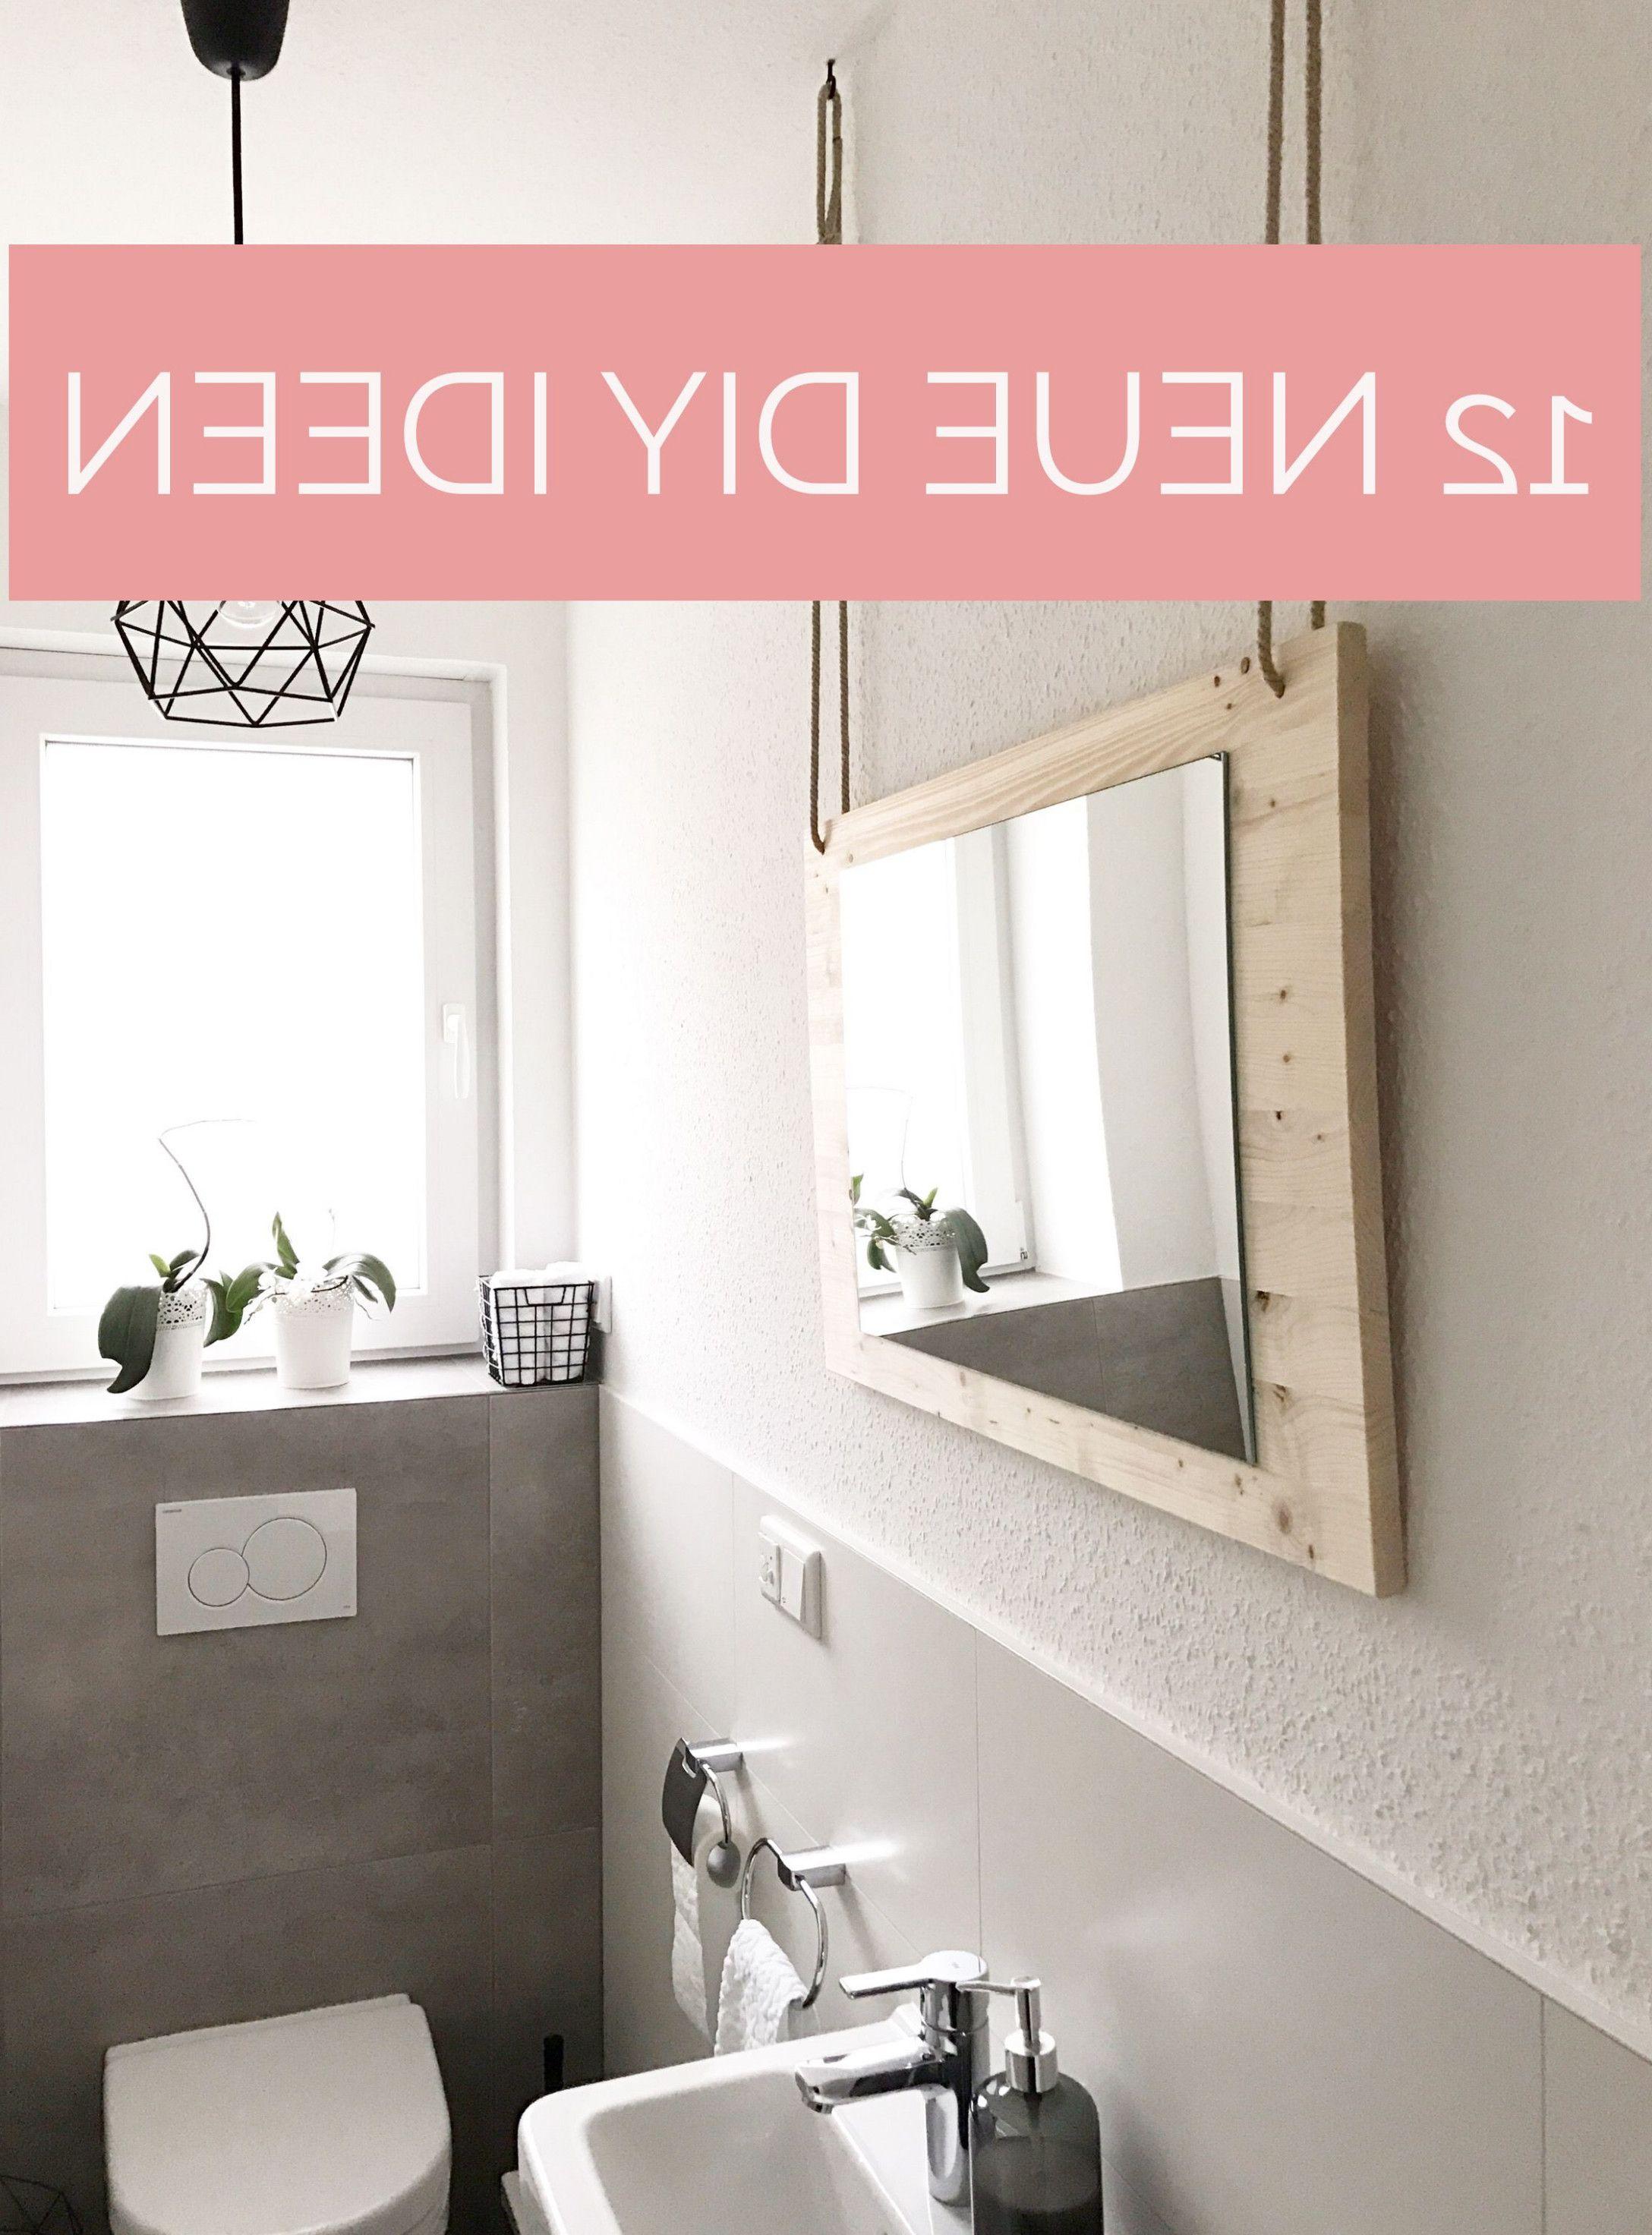 Funf Wichtige Lektionen Furs Leben Diy Badezimmer Spiegel Brachte